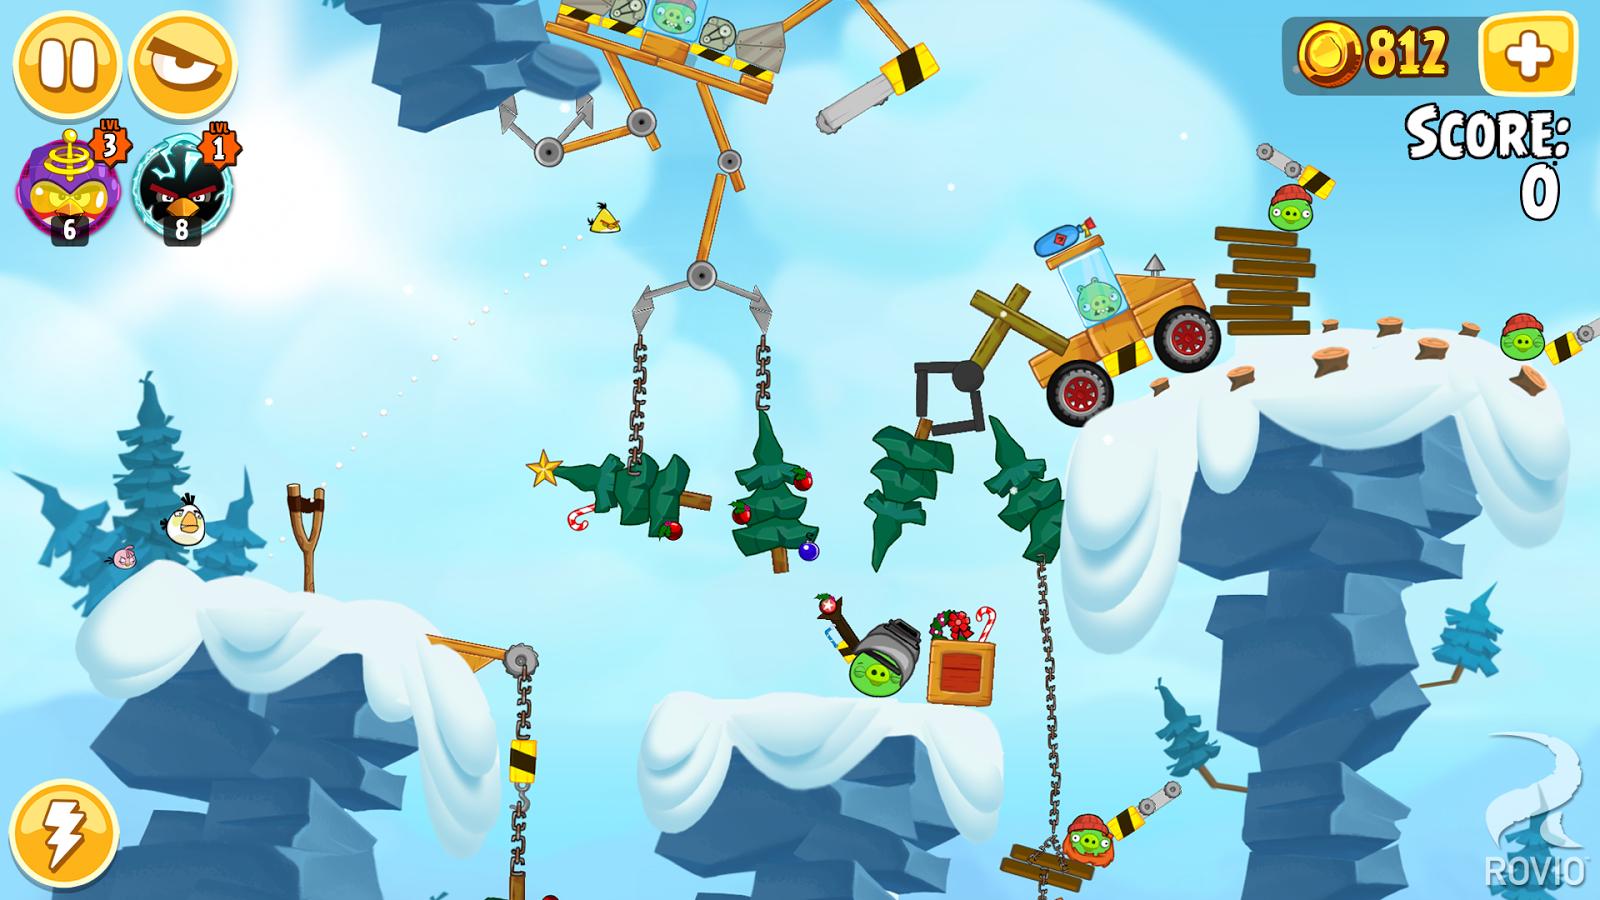 Angry birds star wars ii 1. 2. 0 mod скачать игру для андроид.